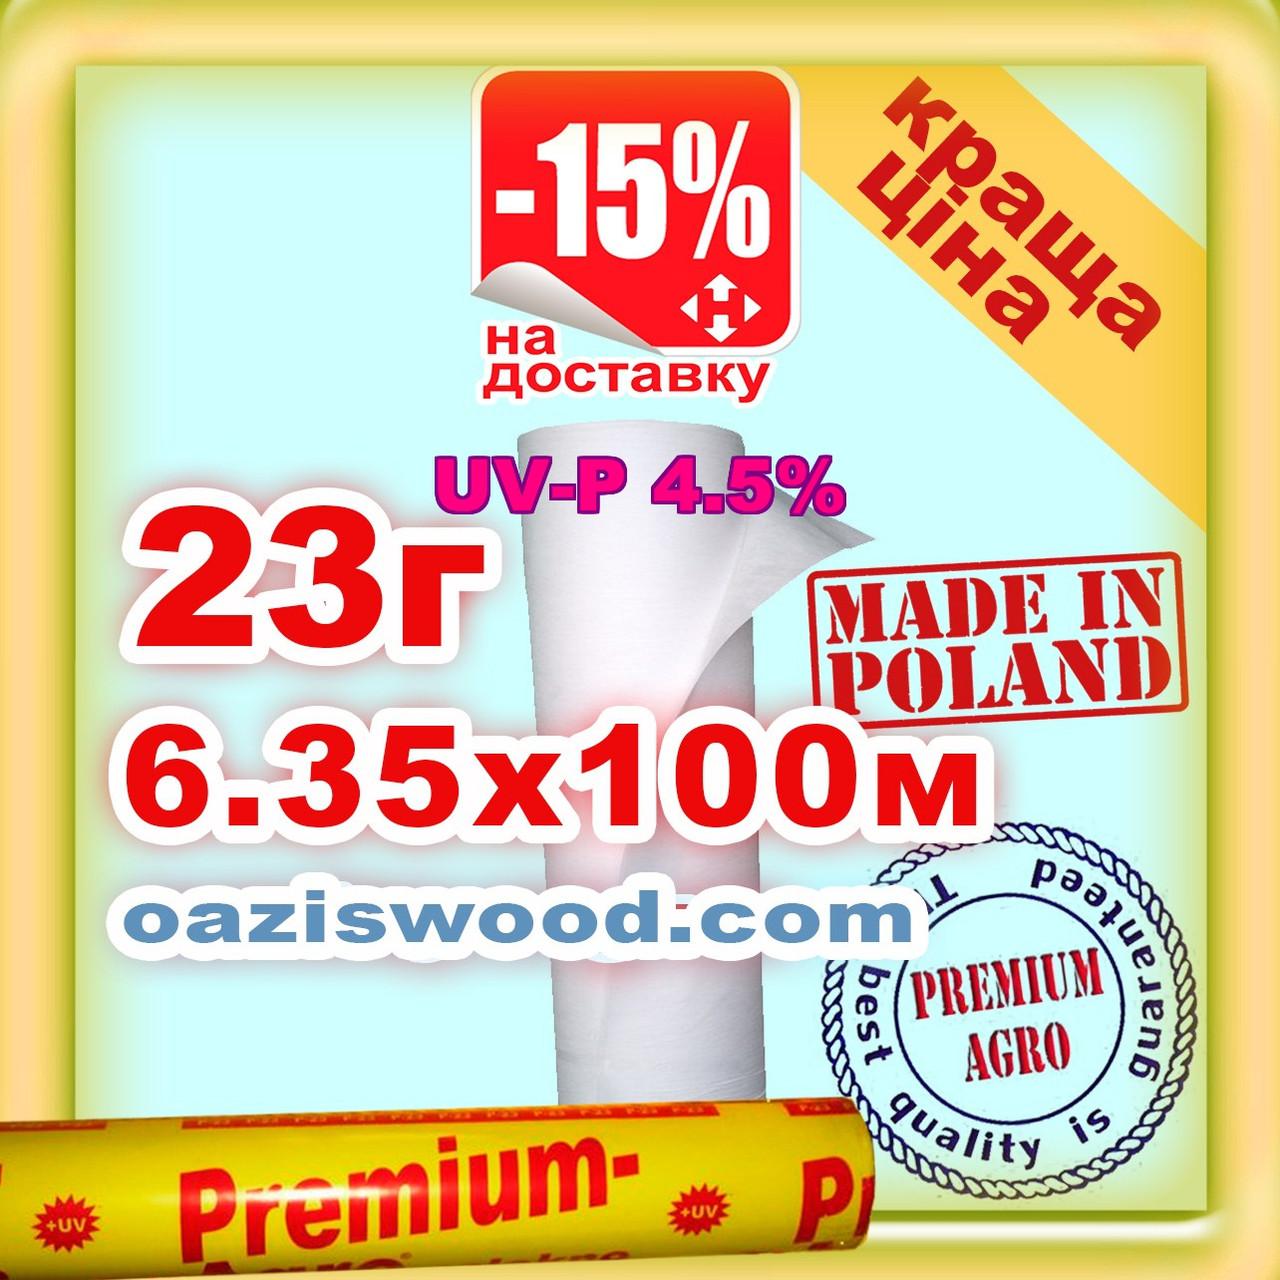 Агроволокно р-23g 6.35*100м белое UV-P 4.5% Premium-Agro Польша